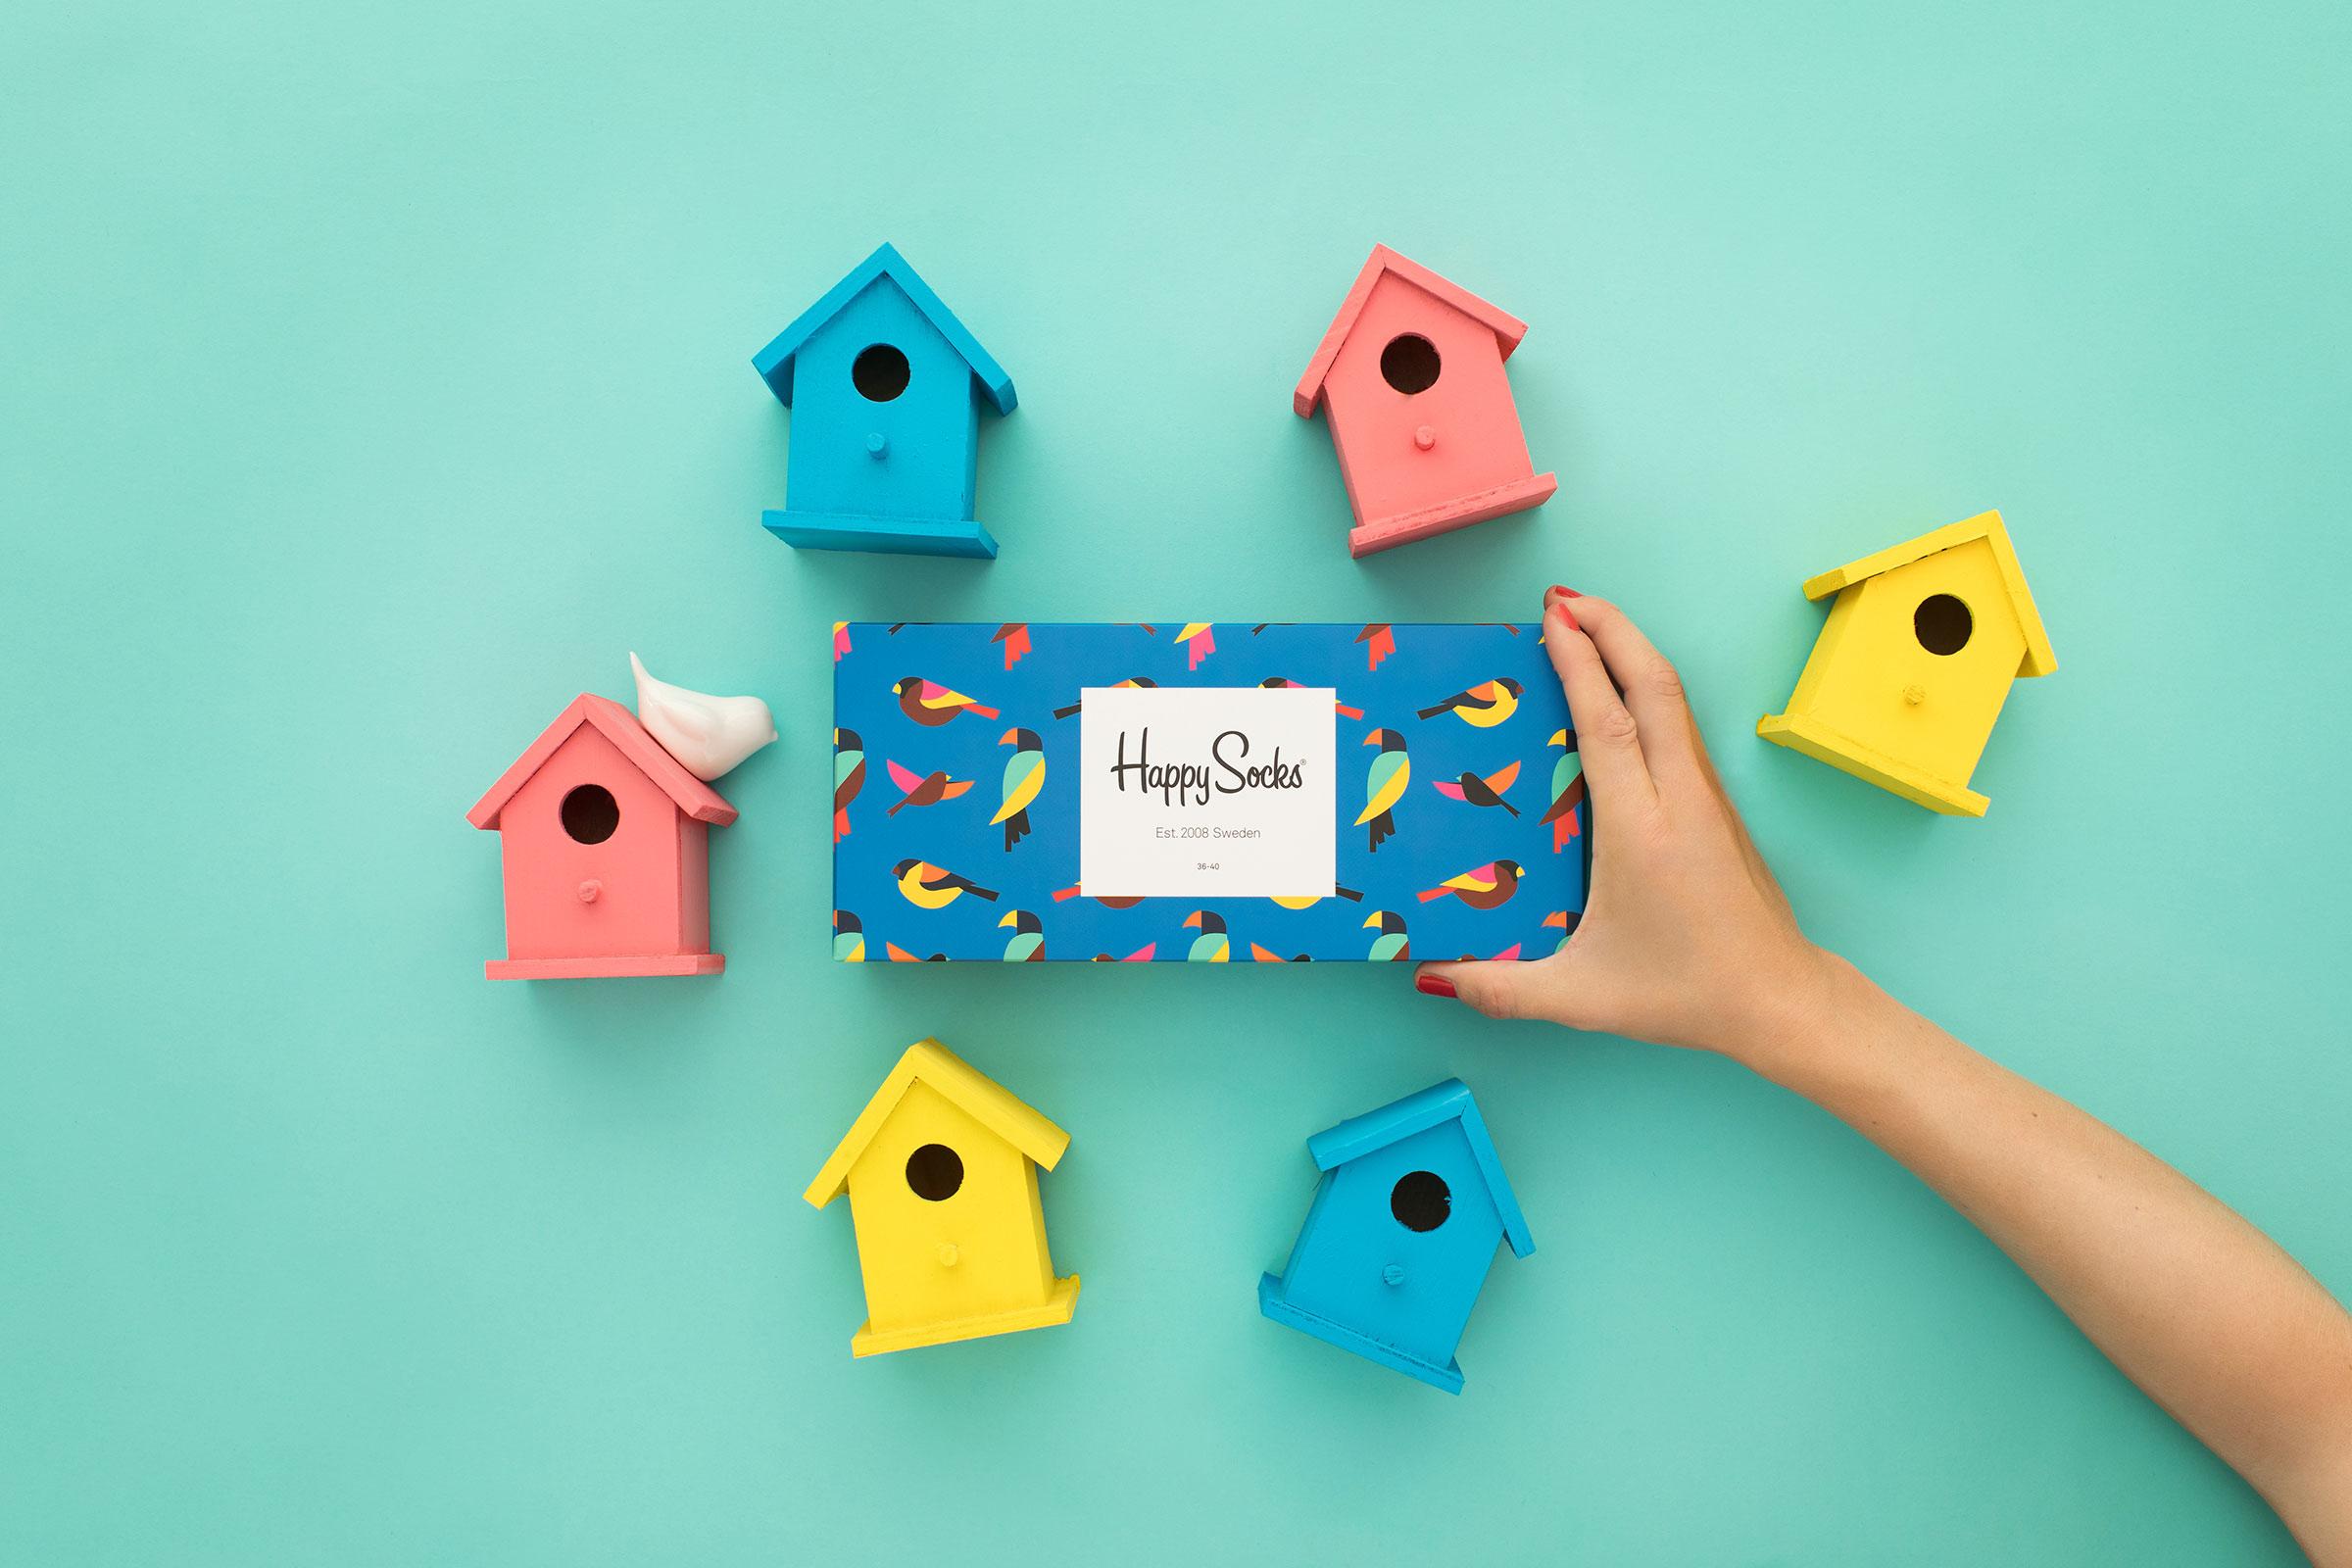 fågelholkar i pastellfärger och strumpbox med Happy socks